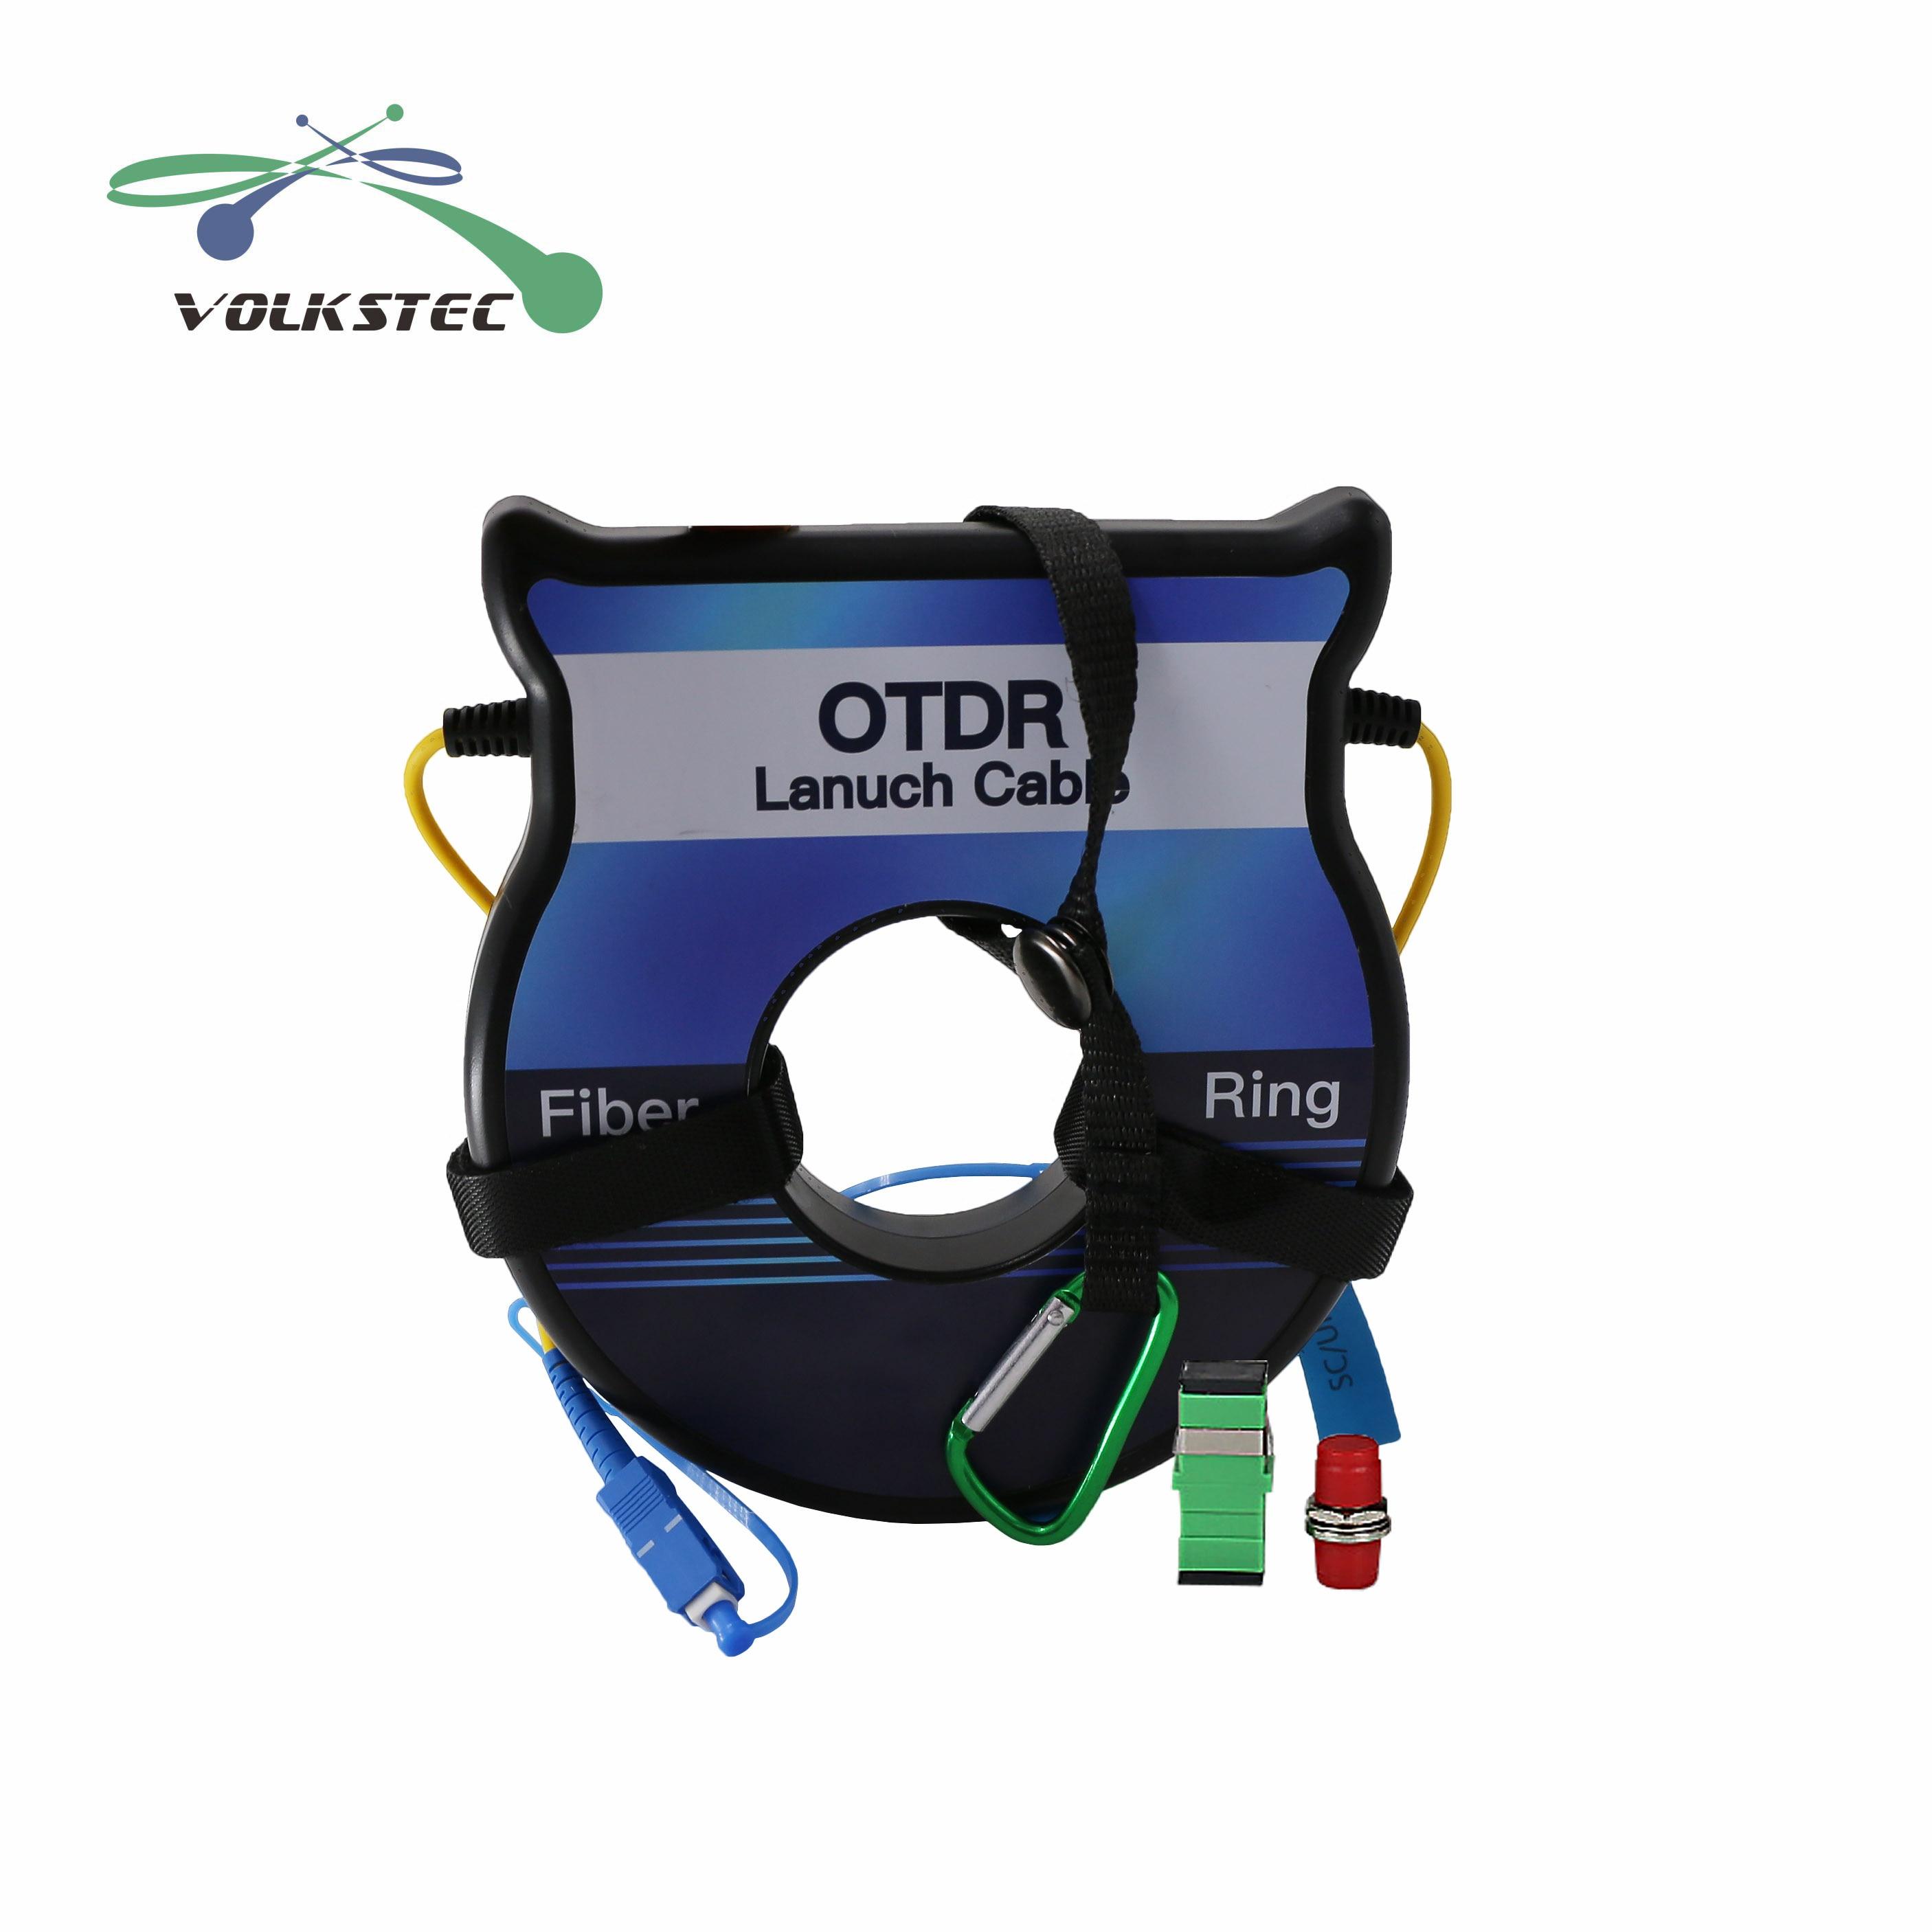 OTDR волоконный кабель для запуска 150 м 300 м 500 м 1 км OM3 50/125мкм волоконный Тестер OTDR волоконные кольца Бесплатная доставка